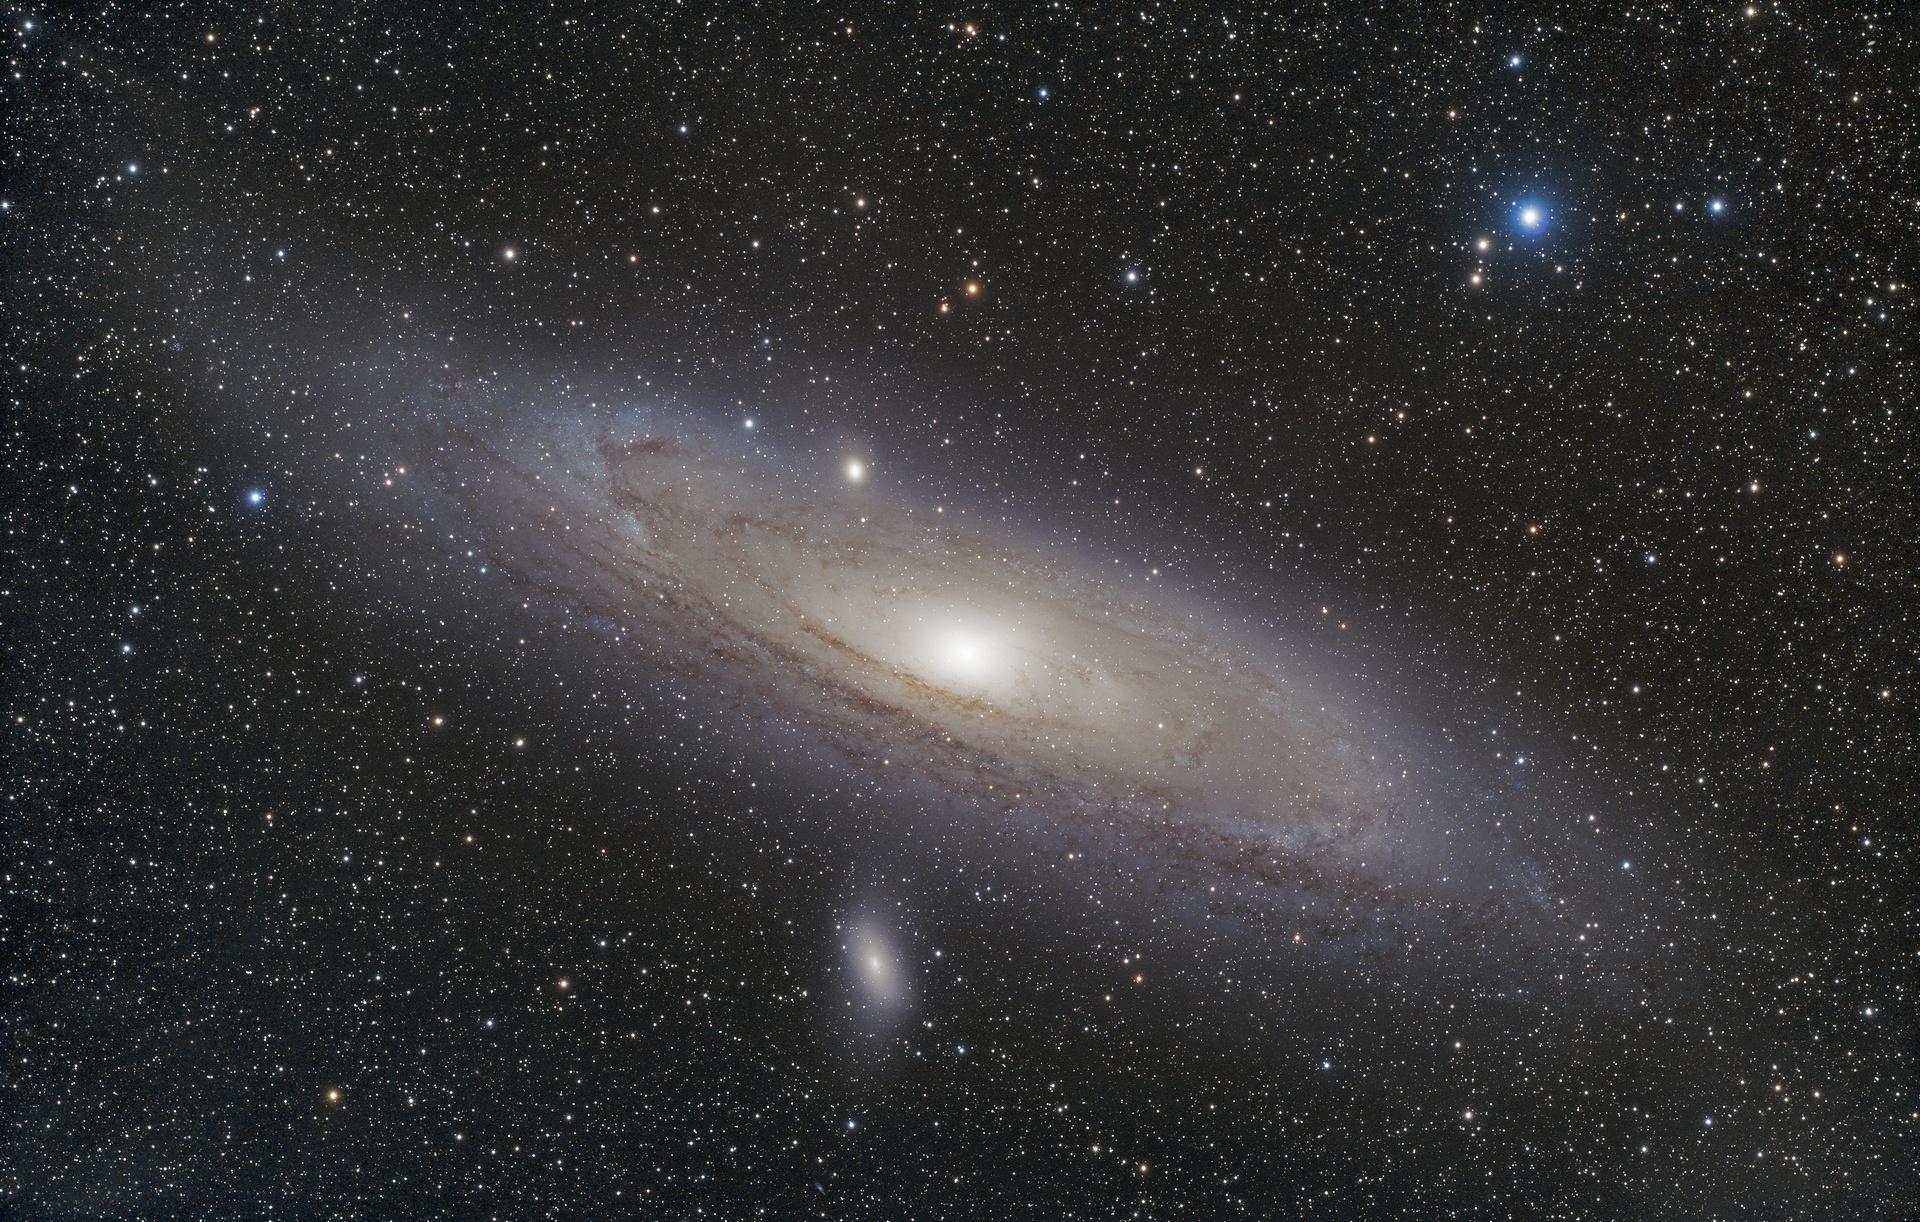 M31FSQ106-304x30s-3200iso-14082018_t.jpg